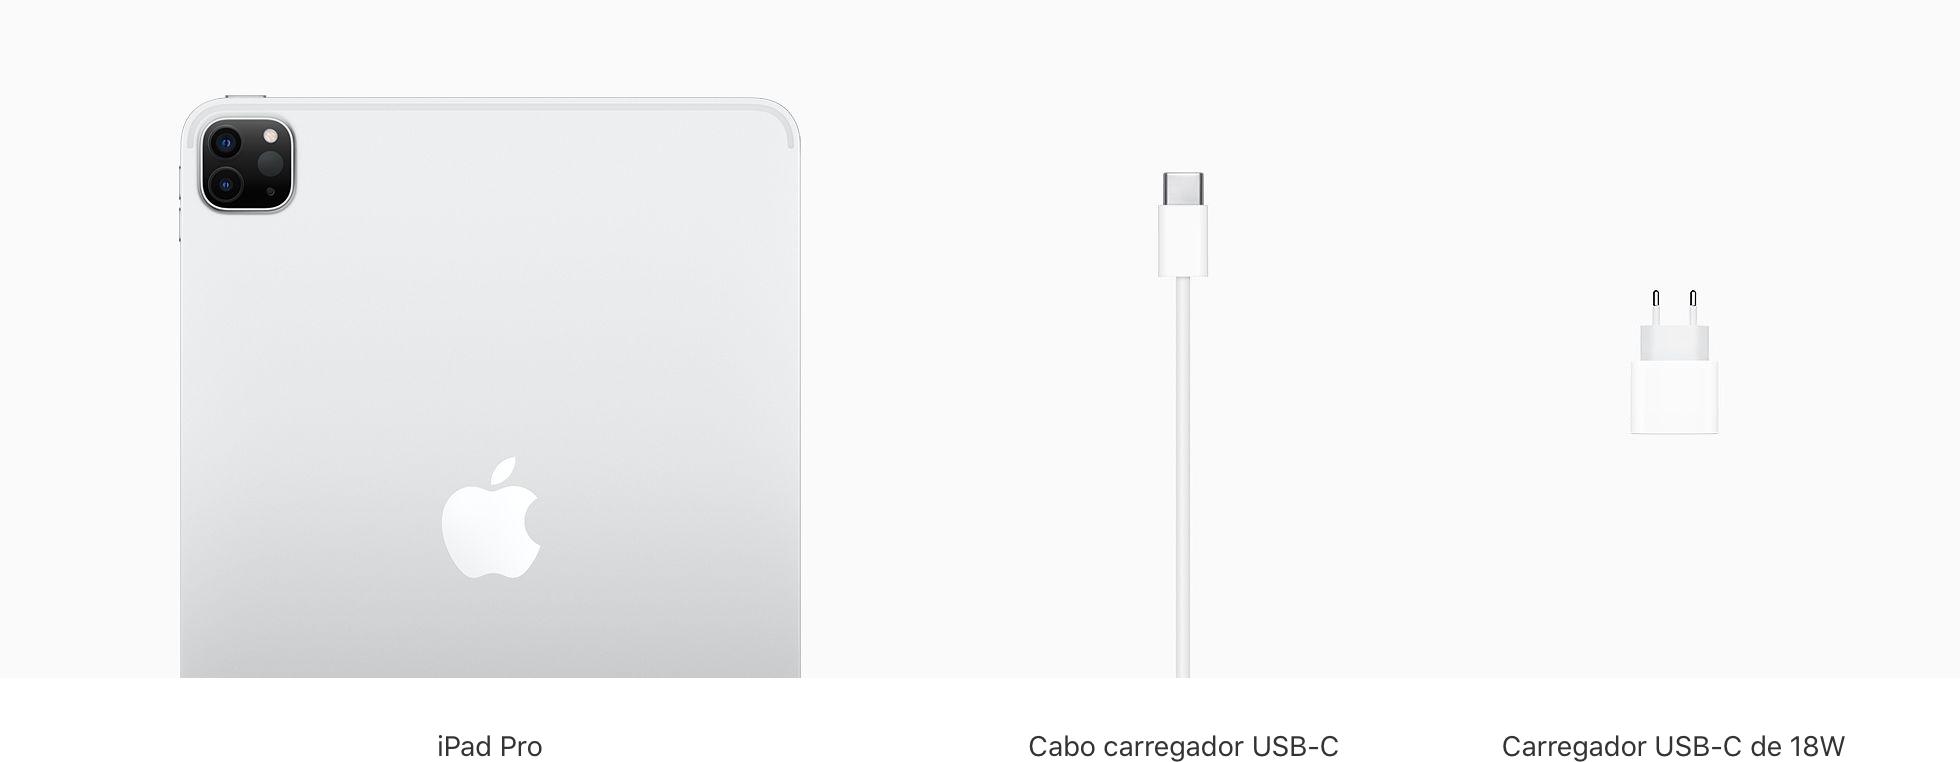 Conteúdo da caixa do iPad Air